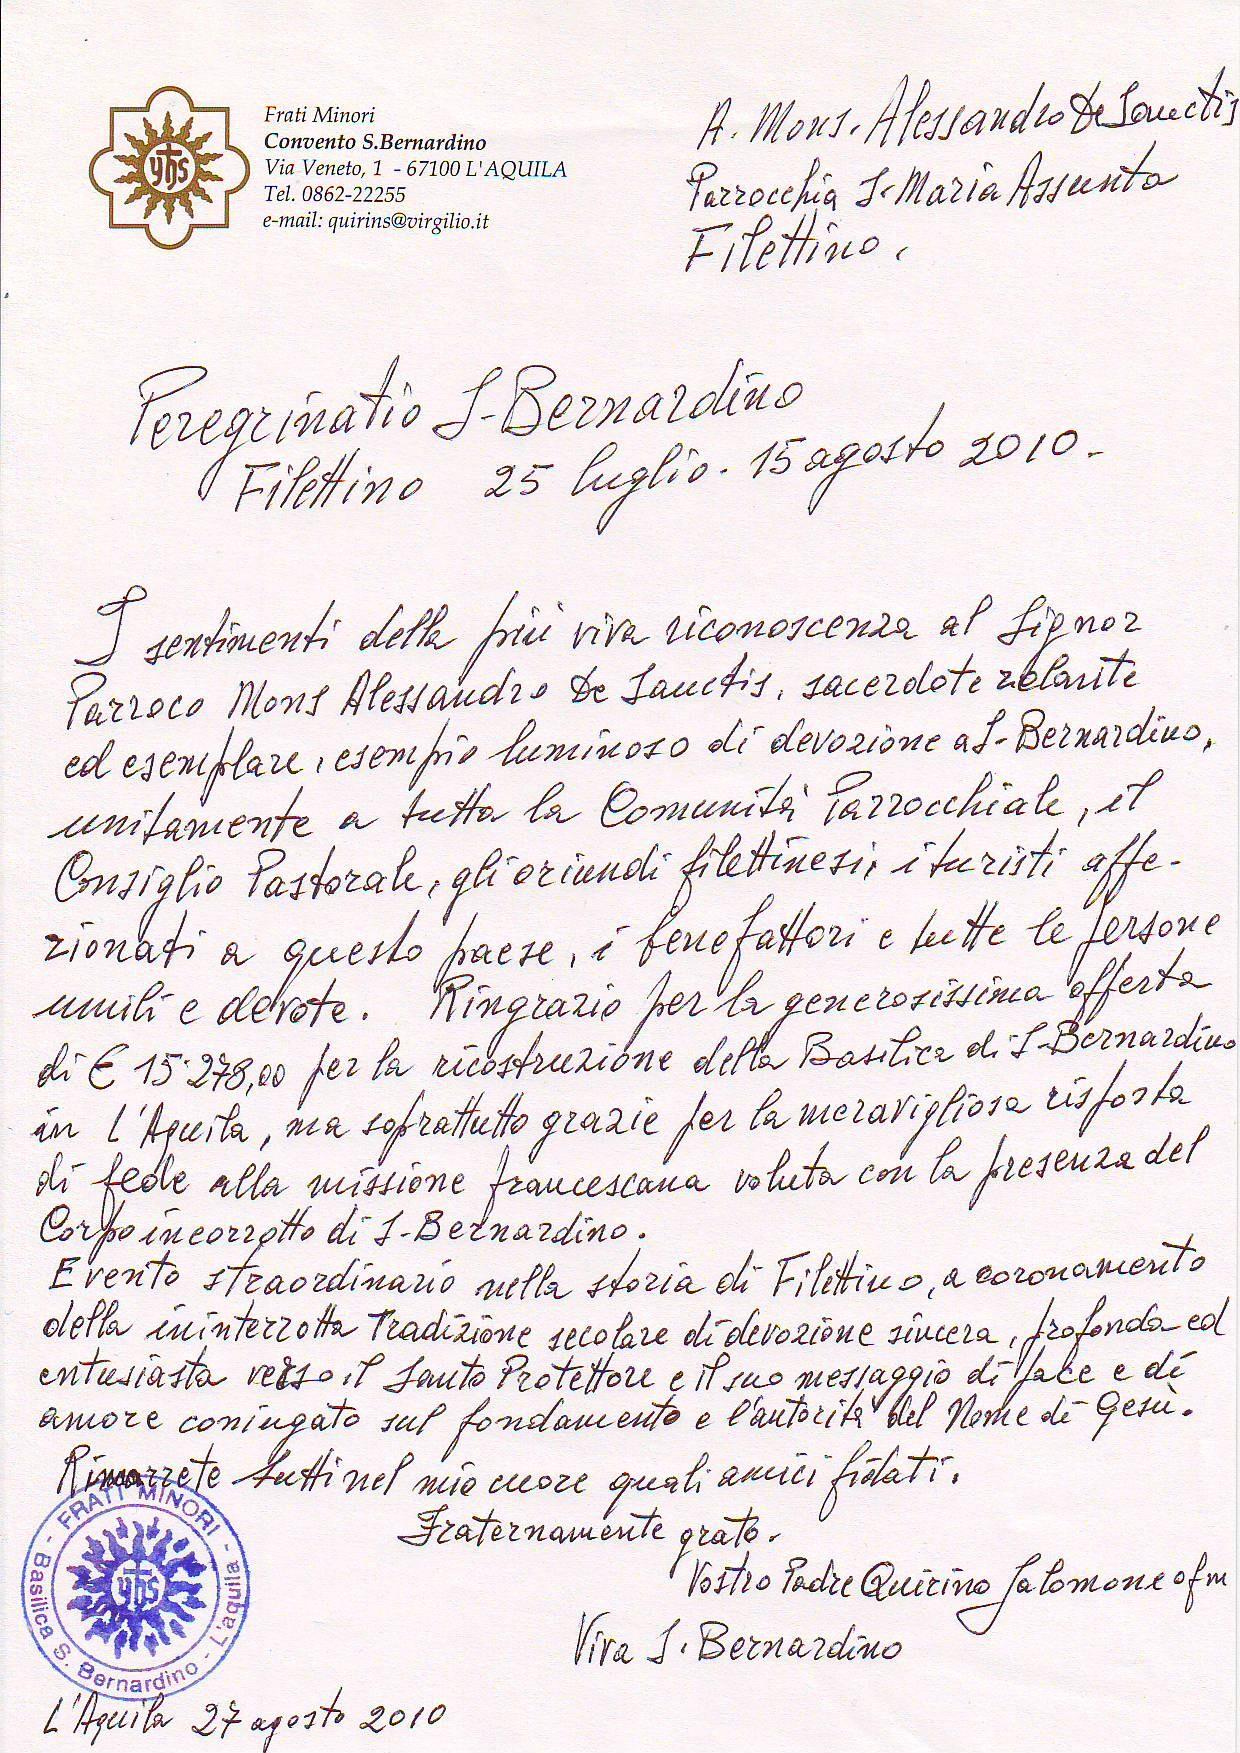 lettere di ringraziamento di padre quirino salomone